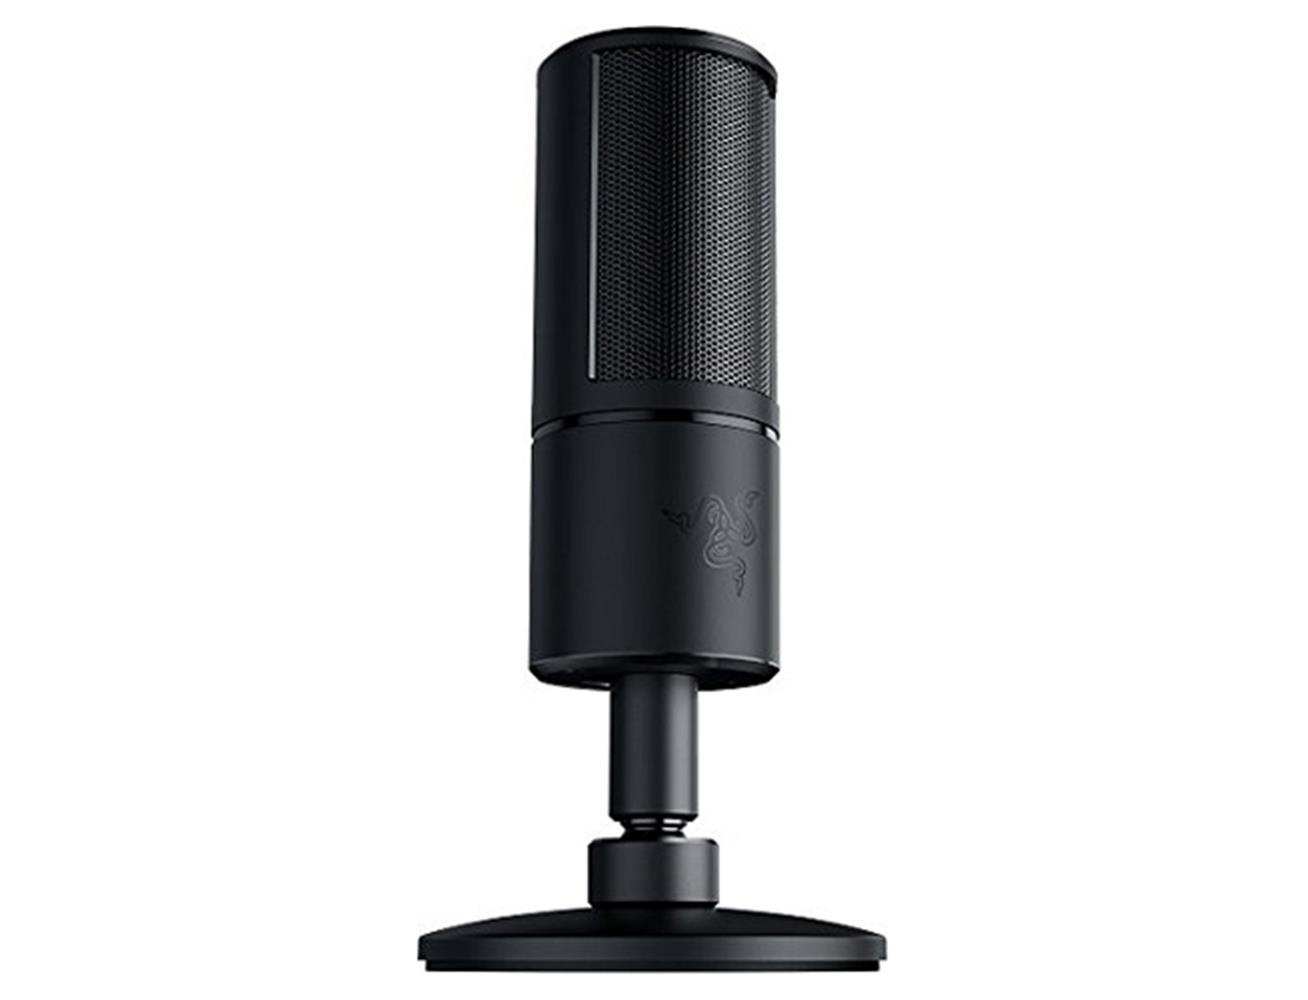 Usb Microphone Kuwait : razer seiren x streming usb digital microphone blink kuwait ~ Vivirlamusica.com Haus und Dekorationen